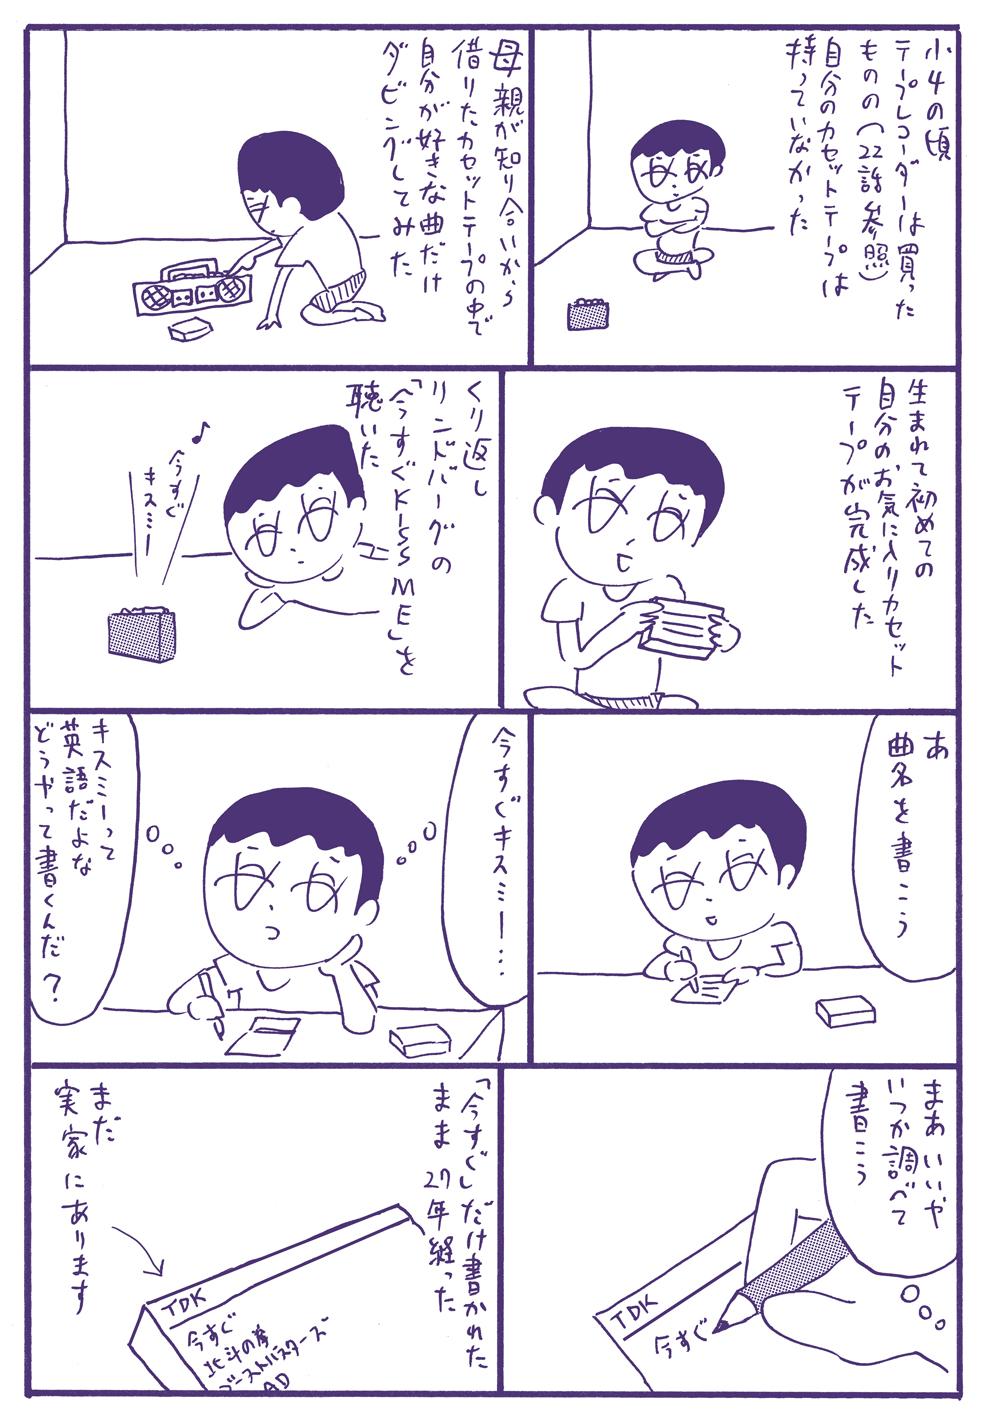 oohashi-hiroyuki-023